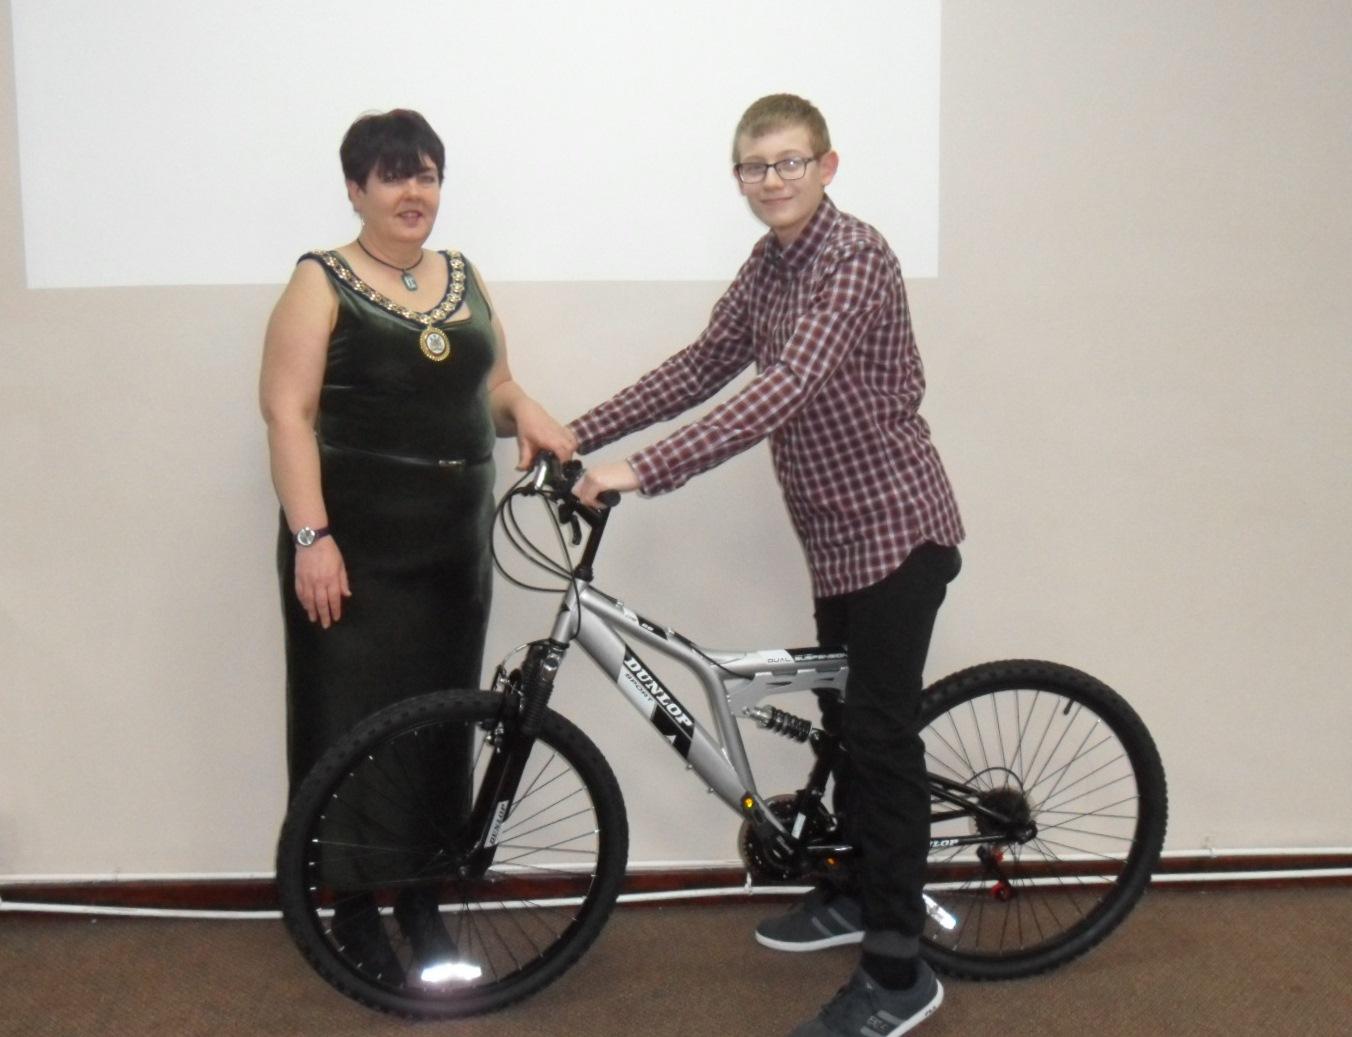 Sports Skills Bike Winner